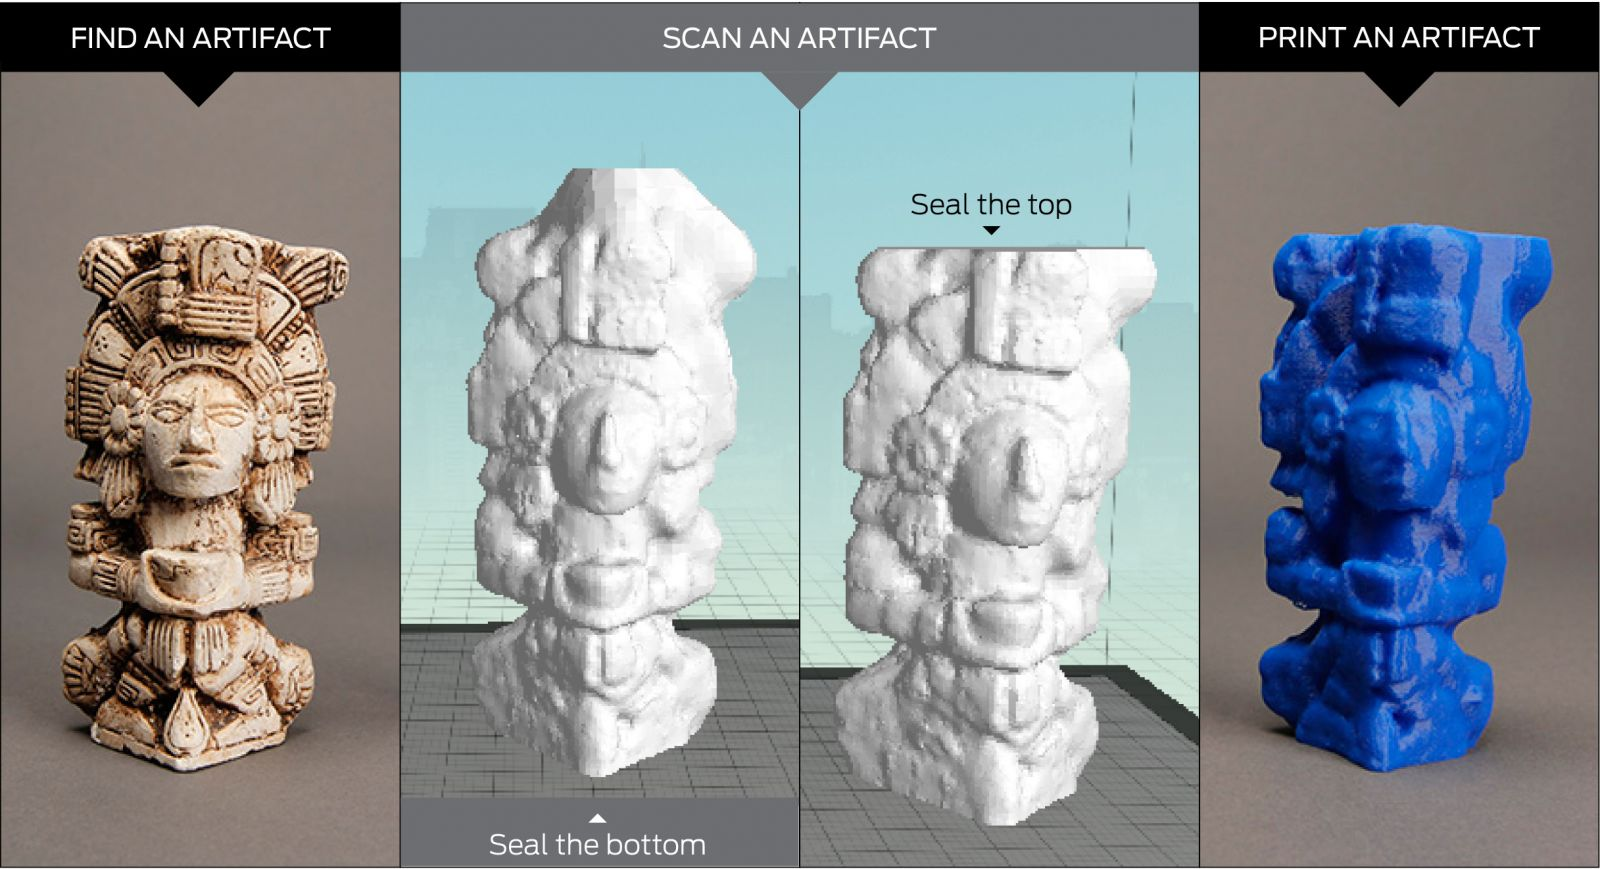 Hình ảnh diễn tả quá trình scan 3D đến khi hoàn thành